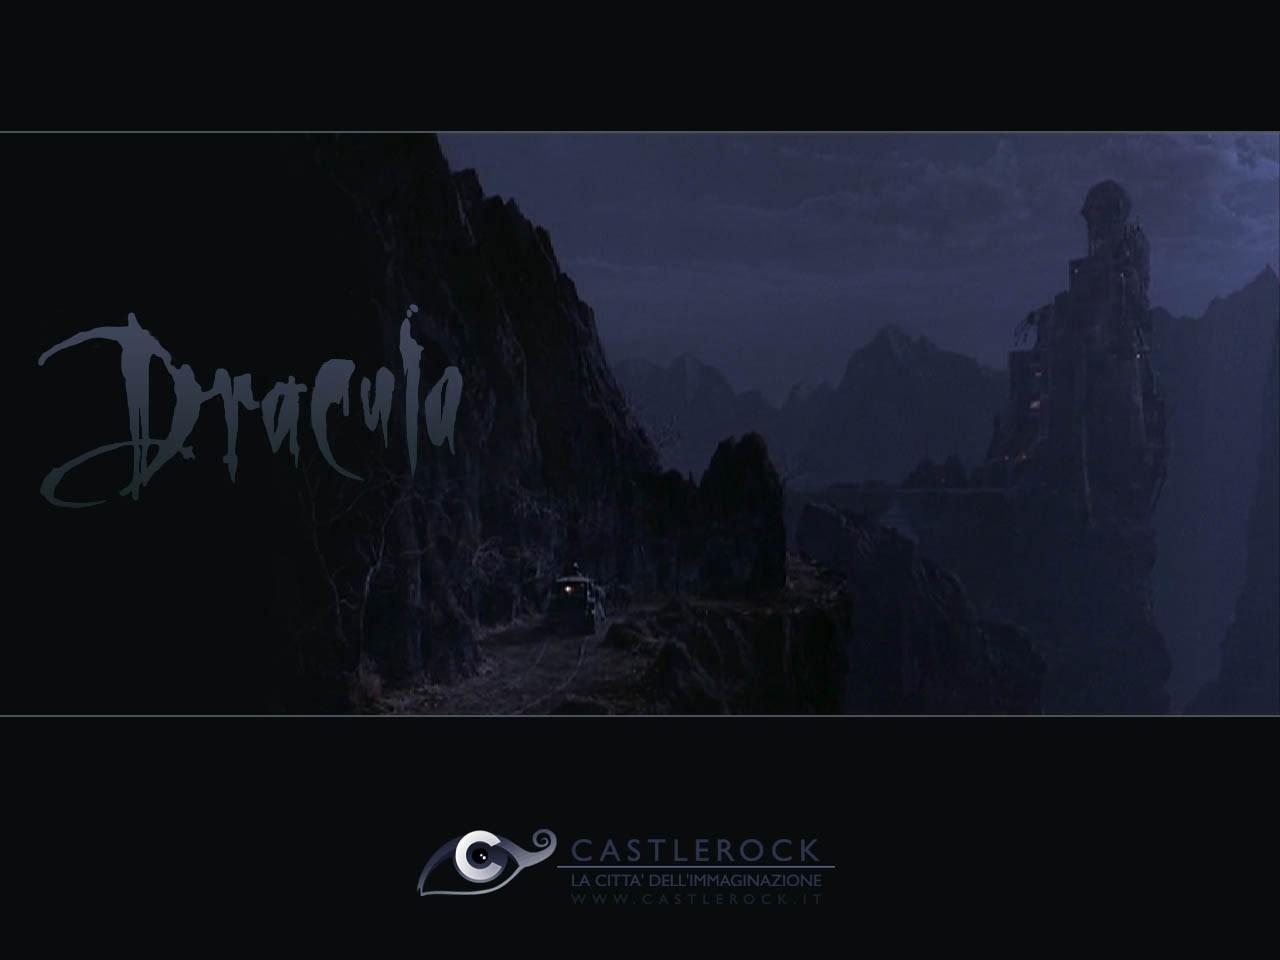 Wallpaper del film Dracula diretto da F.F. Coppola nel '92